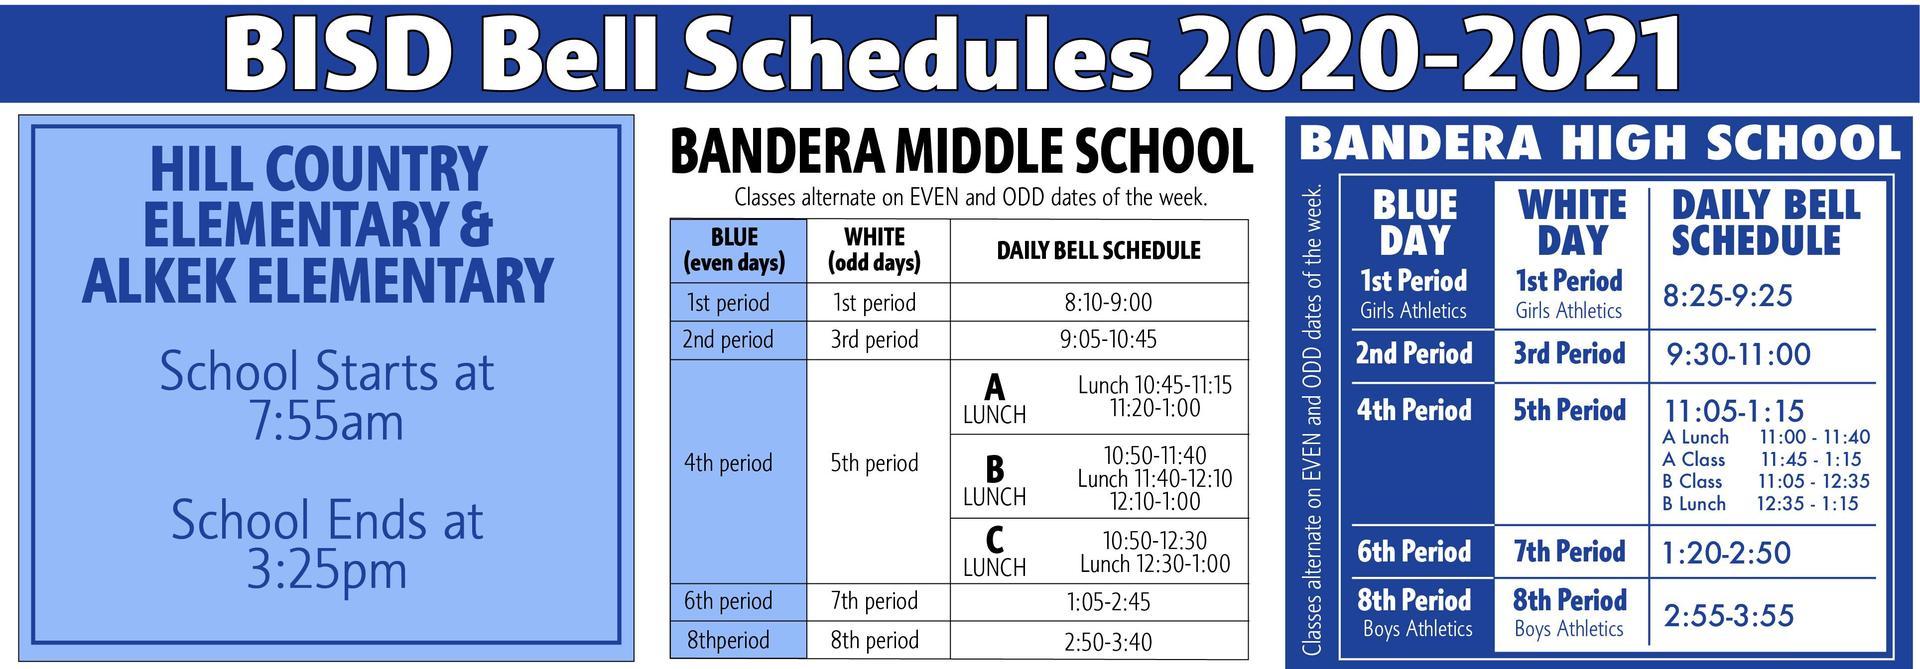 BISD Campus Bell Schedules